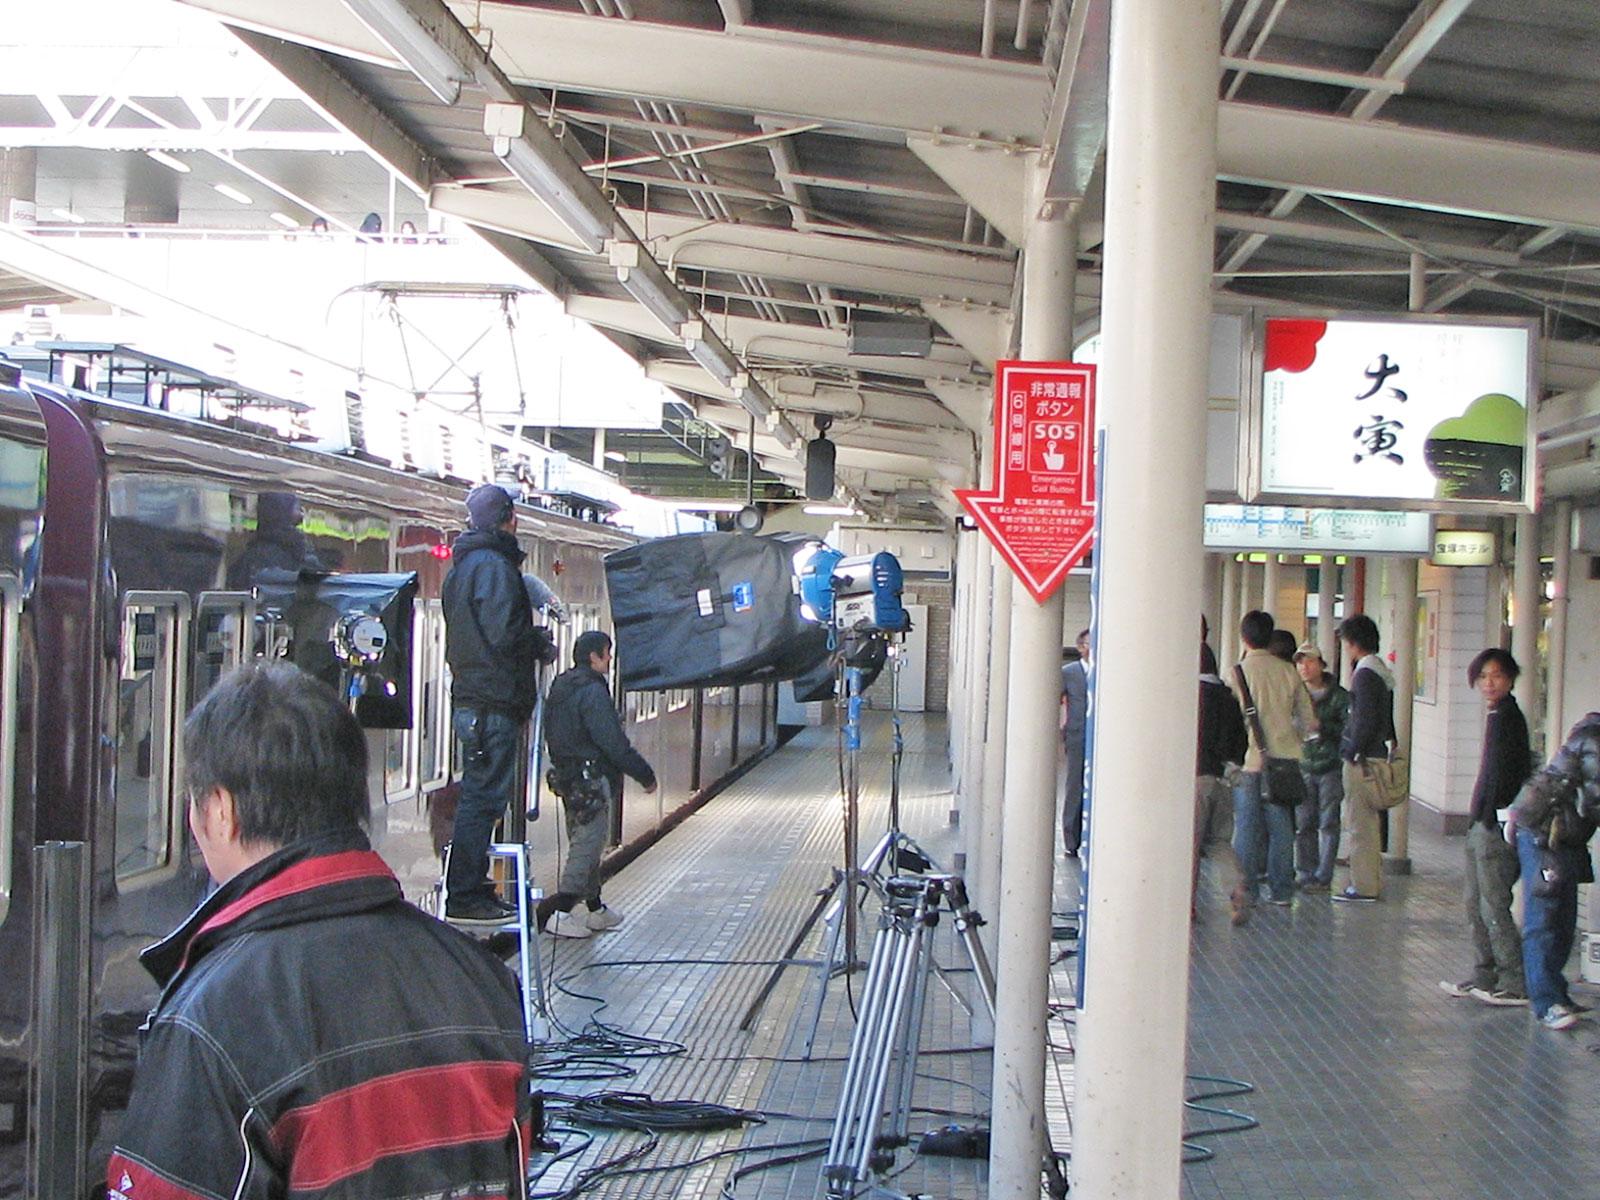 平成23年に公開された映画「阪急電車」の撮影風景。西宮流は西宮市でのロケ地選定に協力。